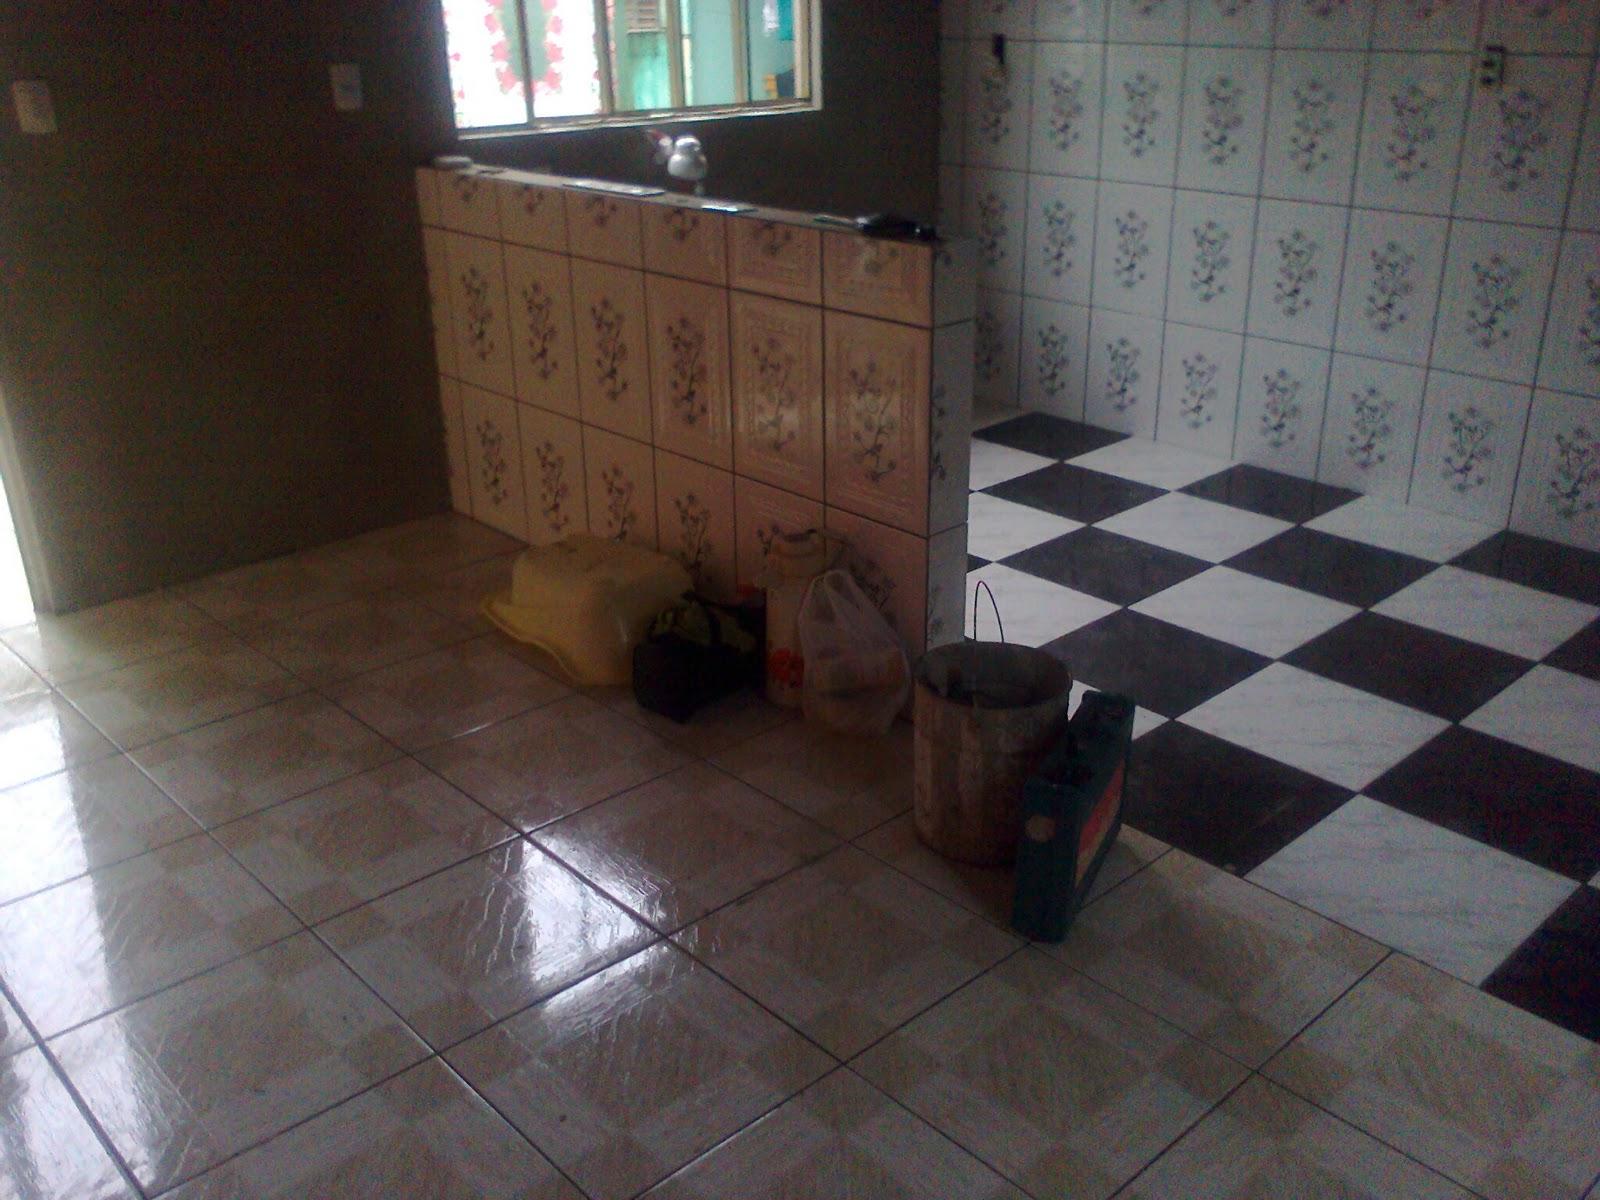 Arte pisos azulejos cozinhas e salas de jantar for Piso 0 salas de estudo e atl